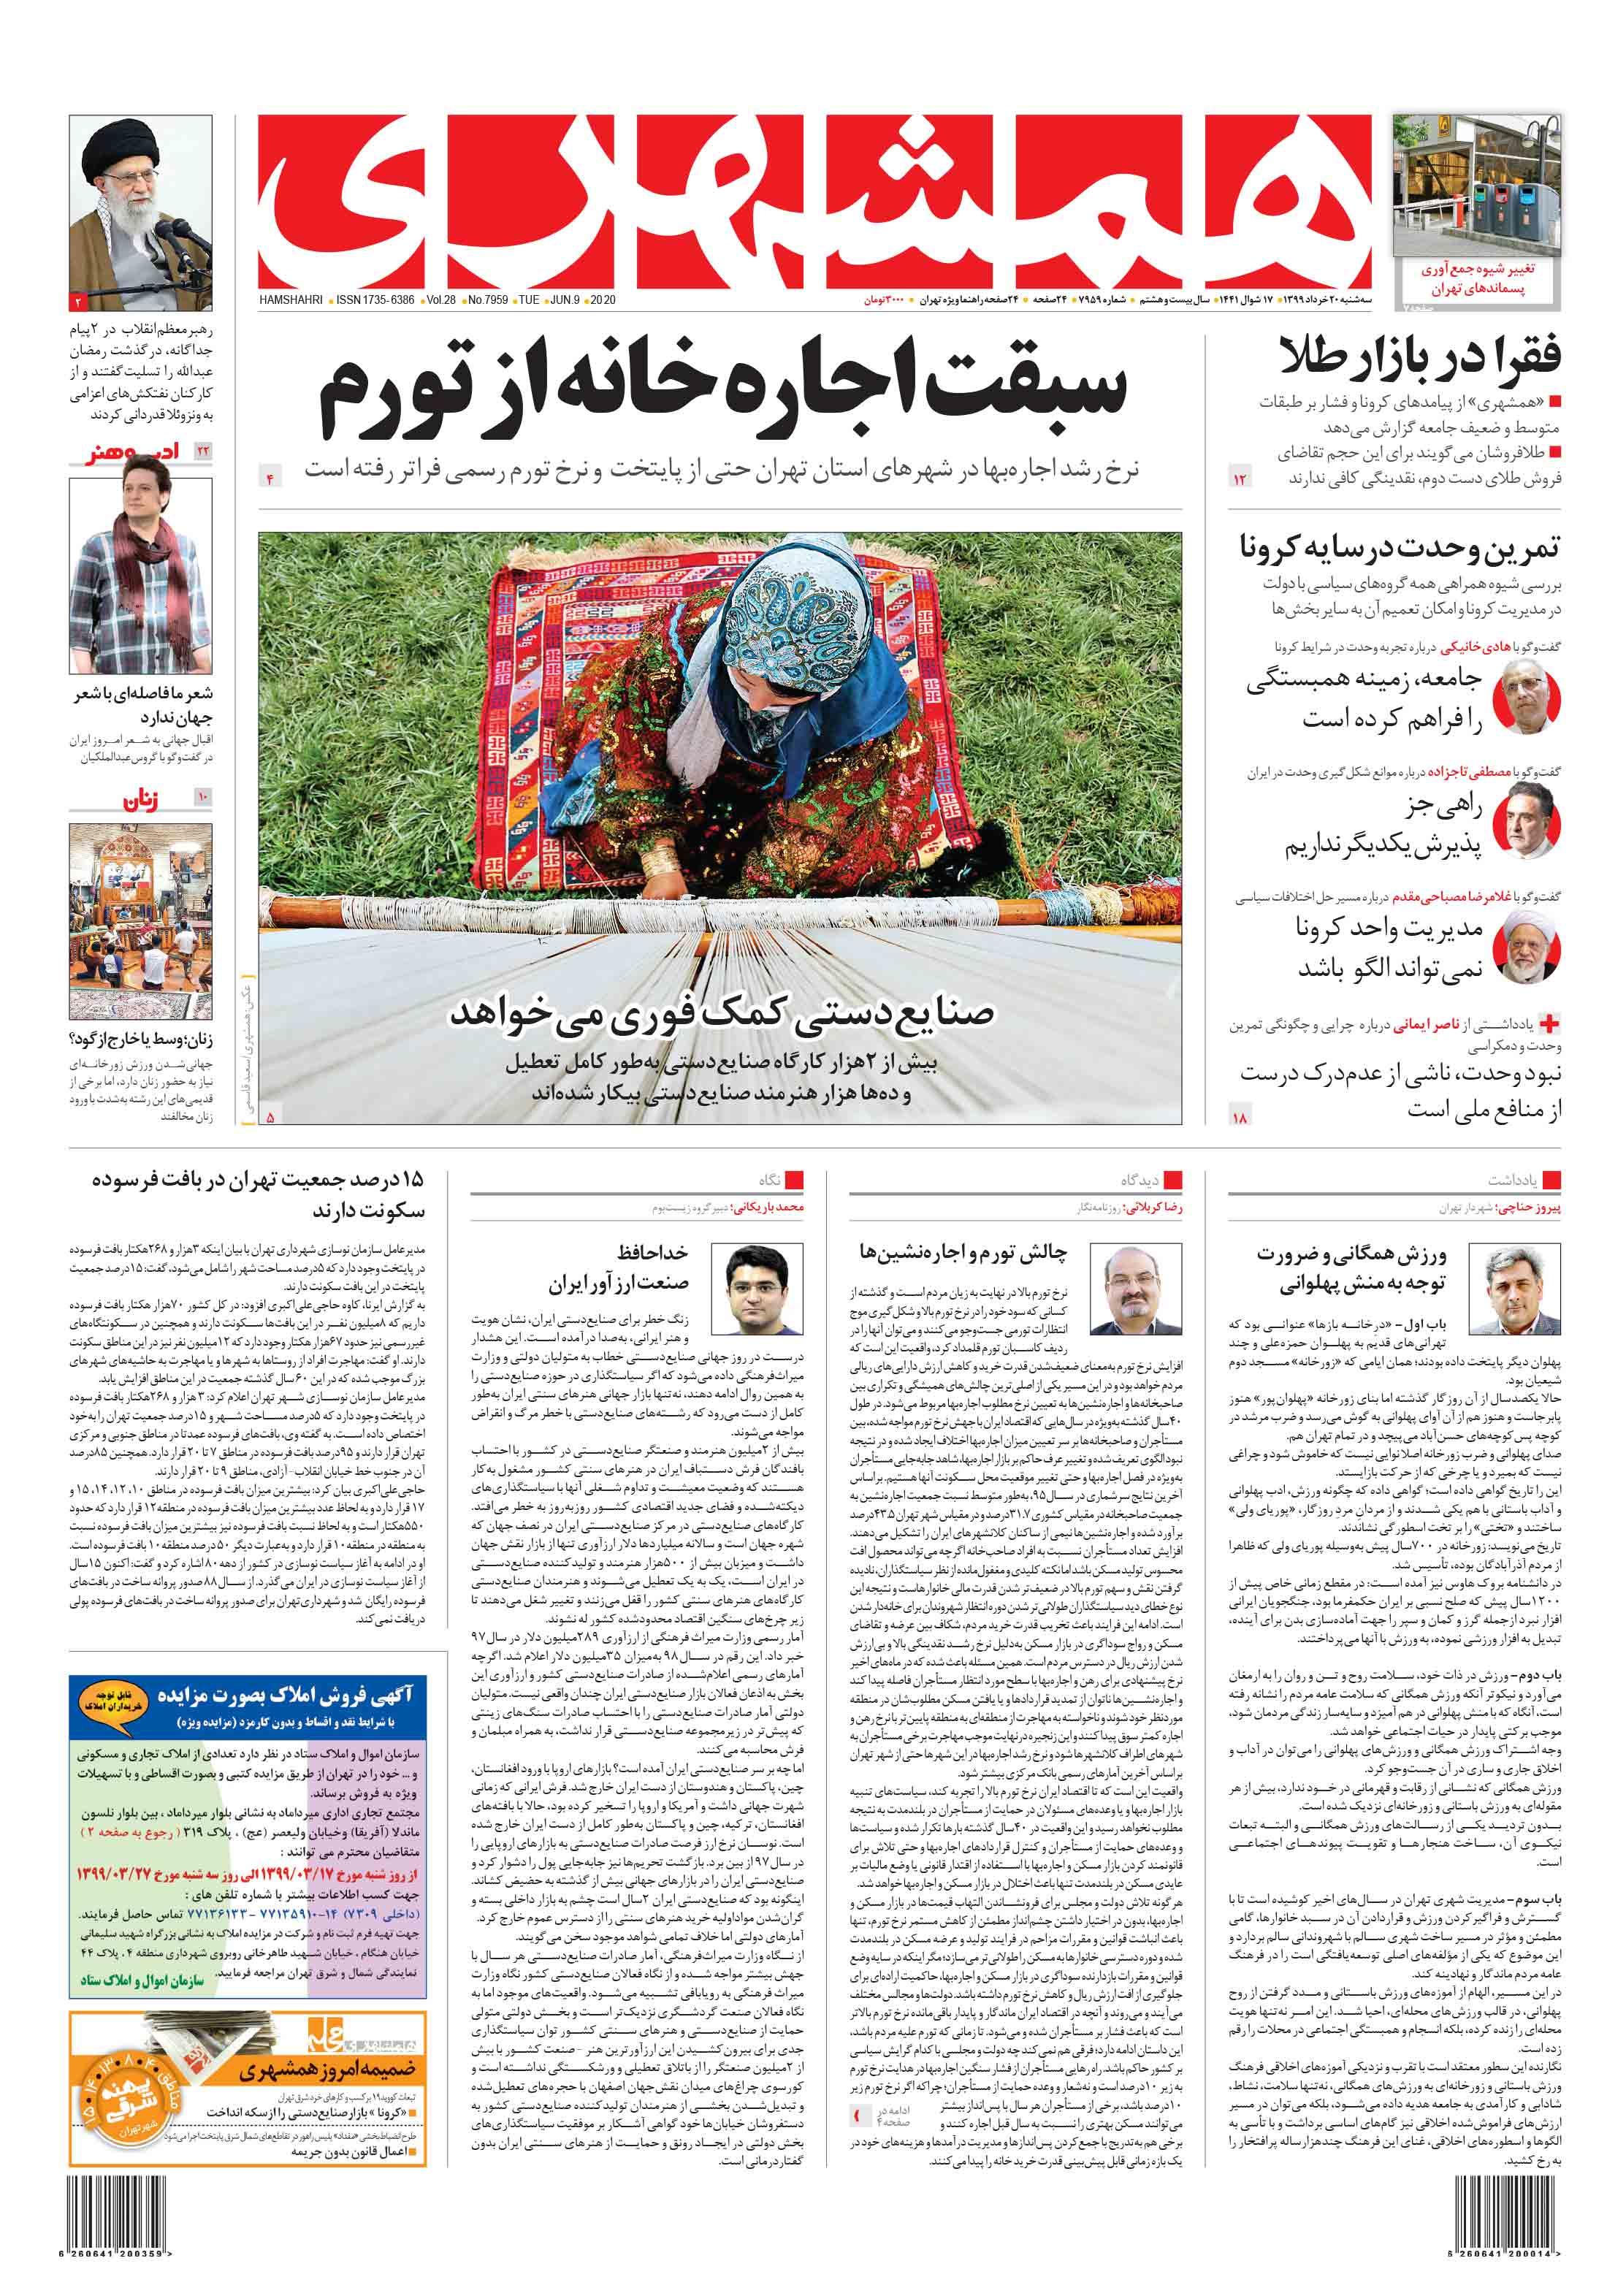 صفحه اول سهشنبه 20 خرداد 1399